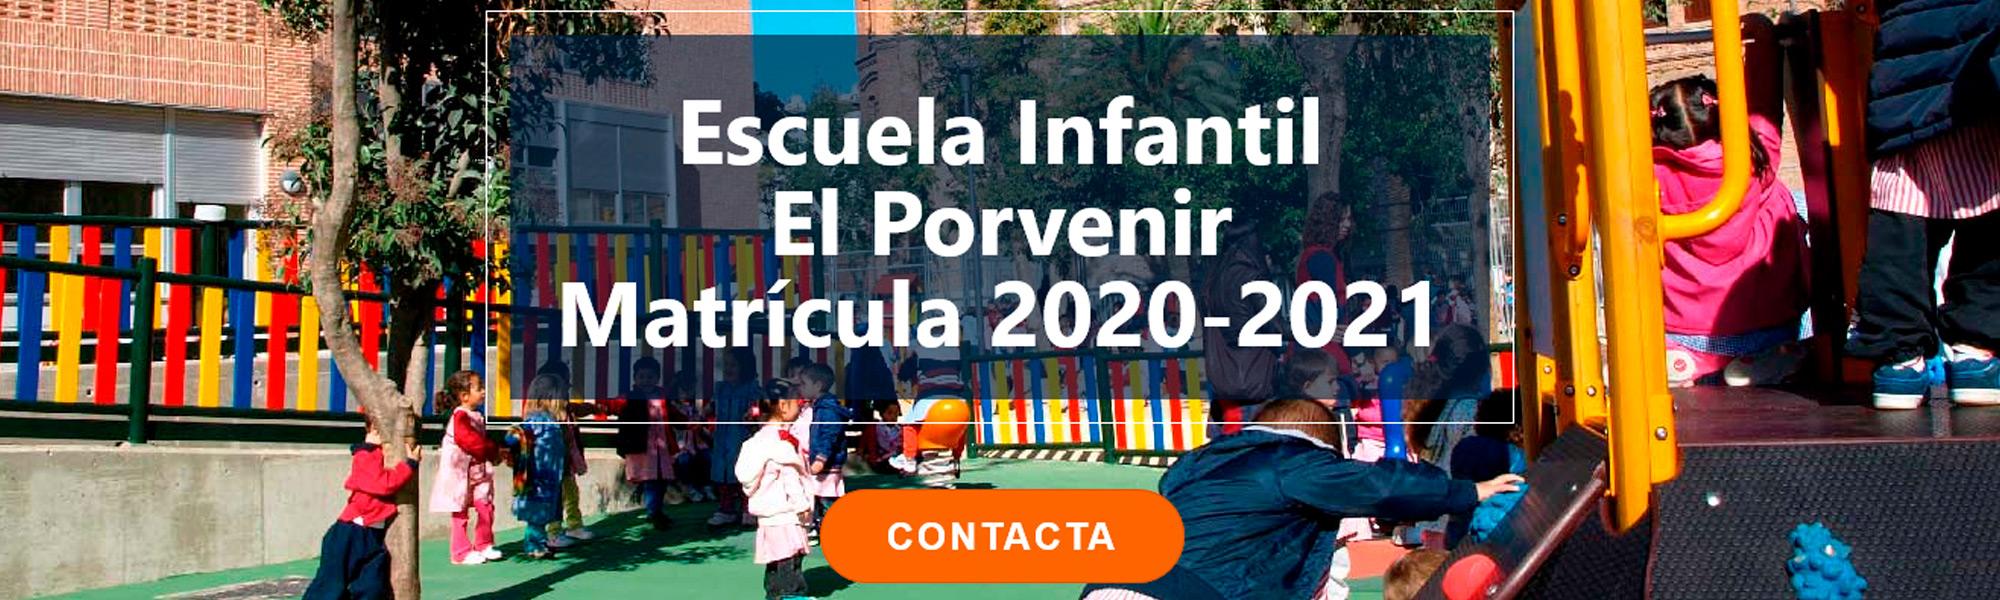 Escuela Infantil El Porvenir Matrícula 2020-2021